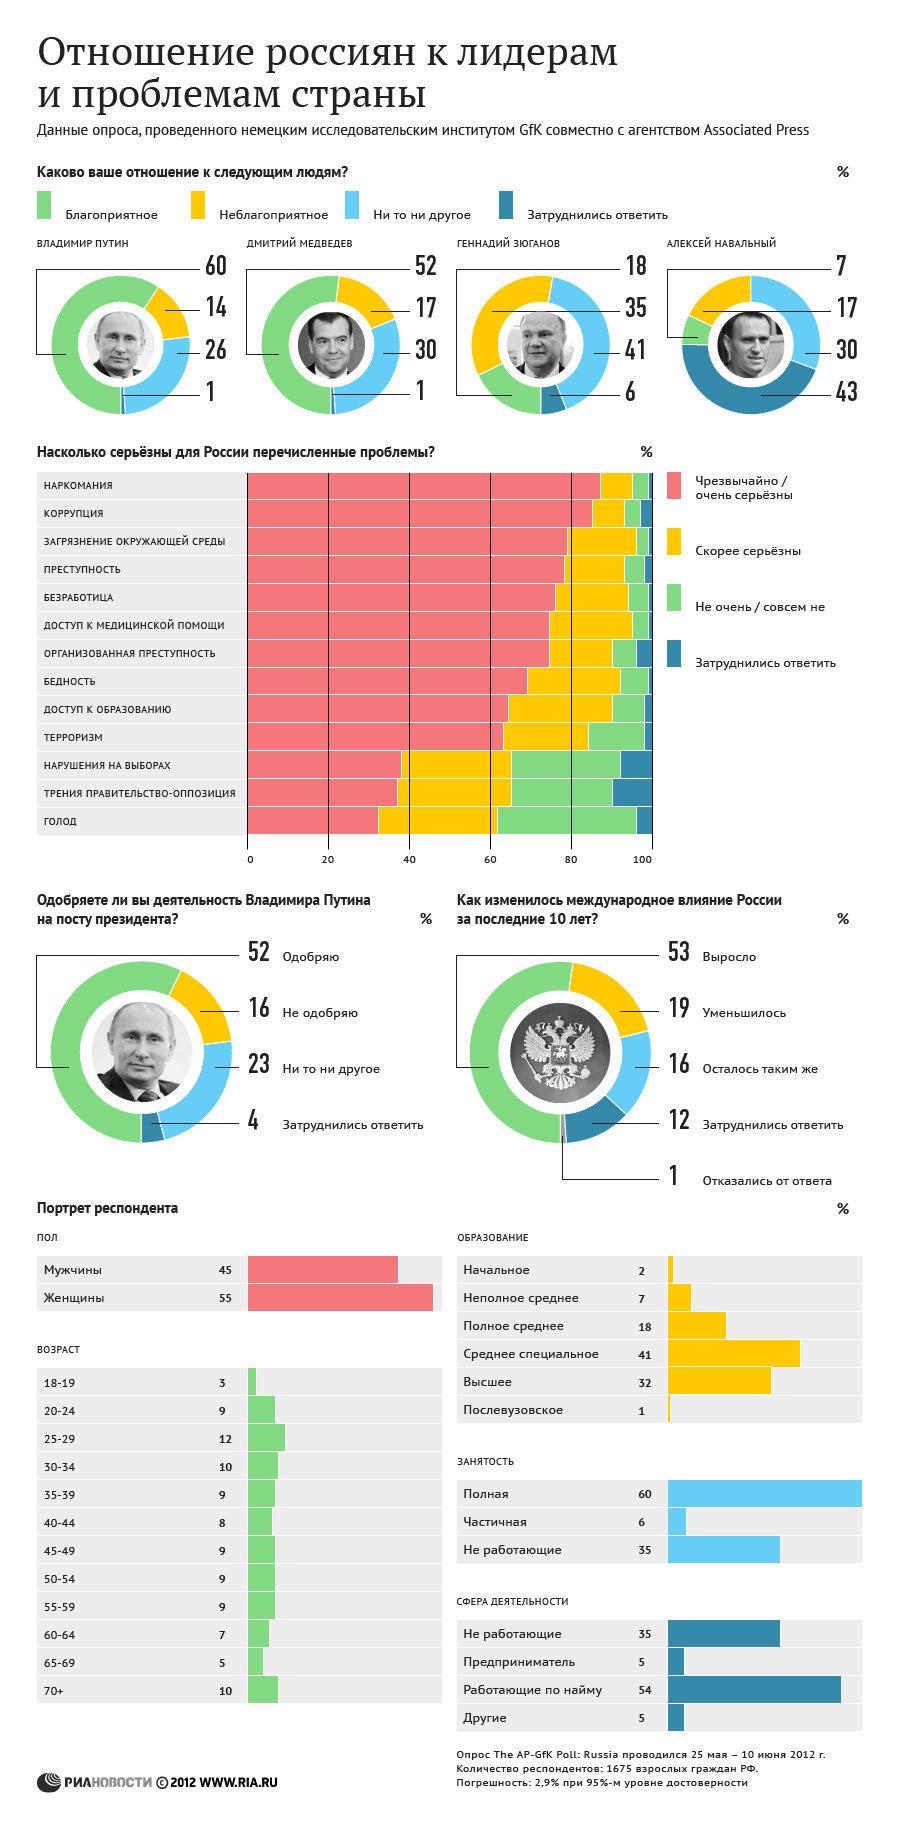 Отношение россиян к лидерам и проблемам страны